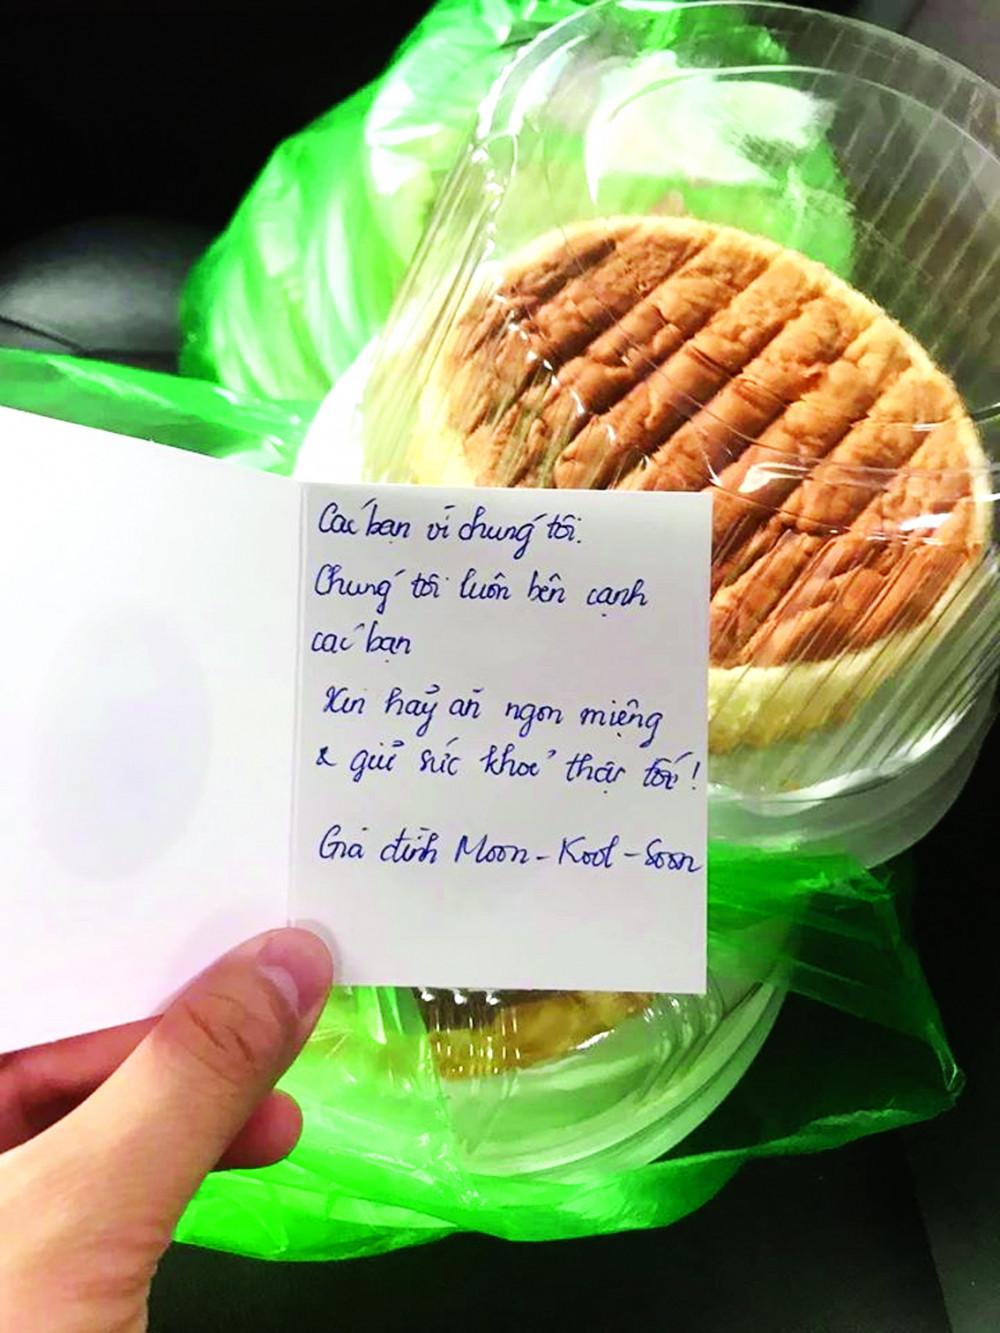 """Hình chụp lời nhắn của chị Thu Trang được nhân viên y tế Bệnh viện Bệnh nhiệt đới Trung ương gửi """"feedback"""" kèm lời cảm ơn"""